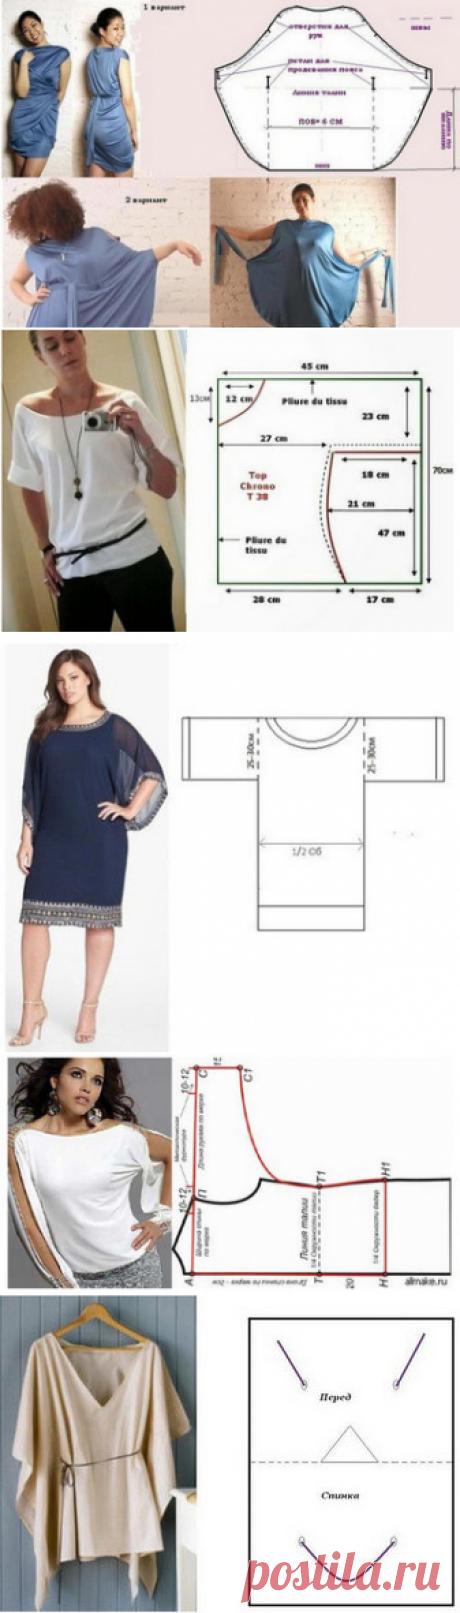 12 цельнокроеных модных выкроек для не умеющих шить! | Тысяча и одна идея